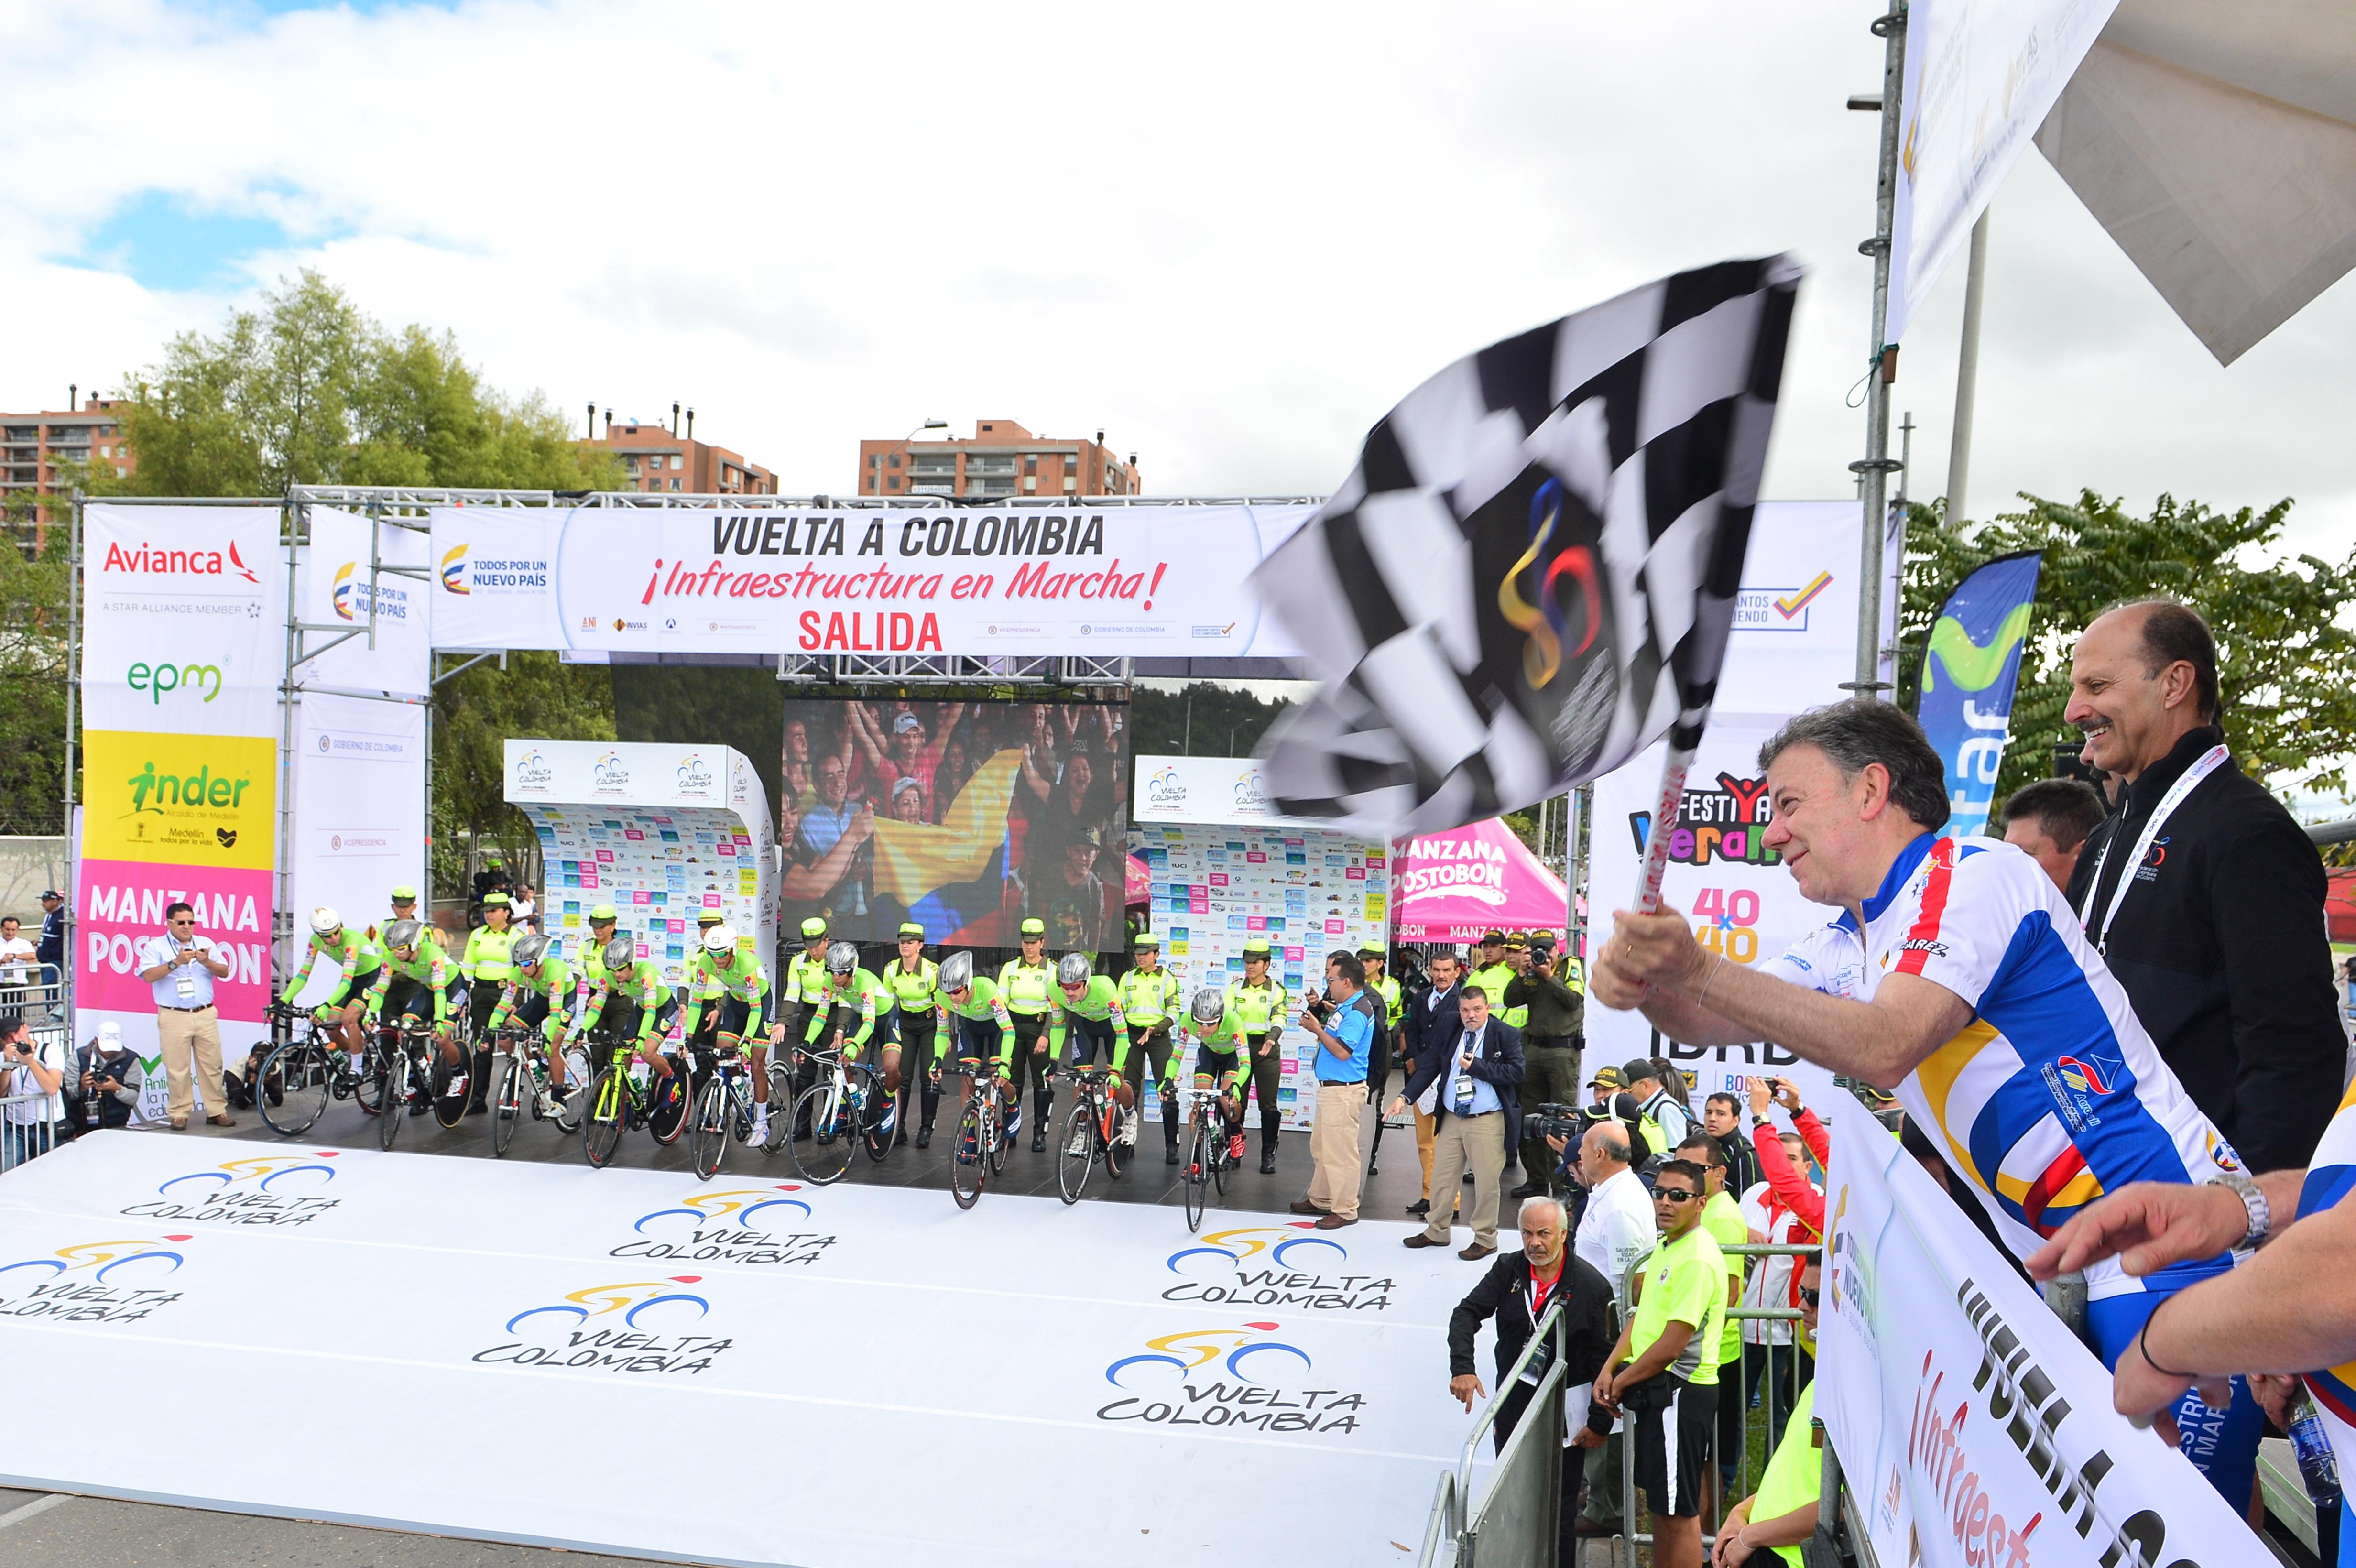 El Jefe del Estado dio la largada a la tradicional Vuelta a Colombia, certamen ciclístico que este año cumple 65 años y que destaca el salto histórico que está dando el país en materia de infraestructura. Foto: Juan Pablo Bello - SIG